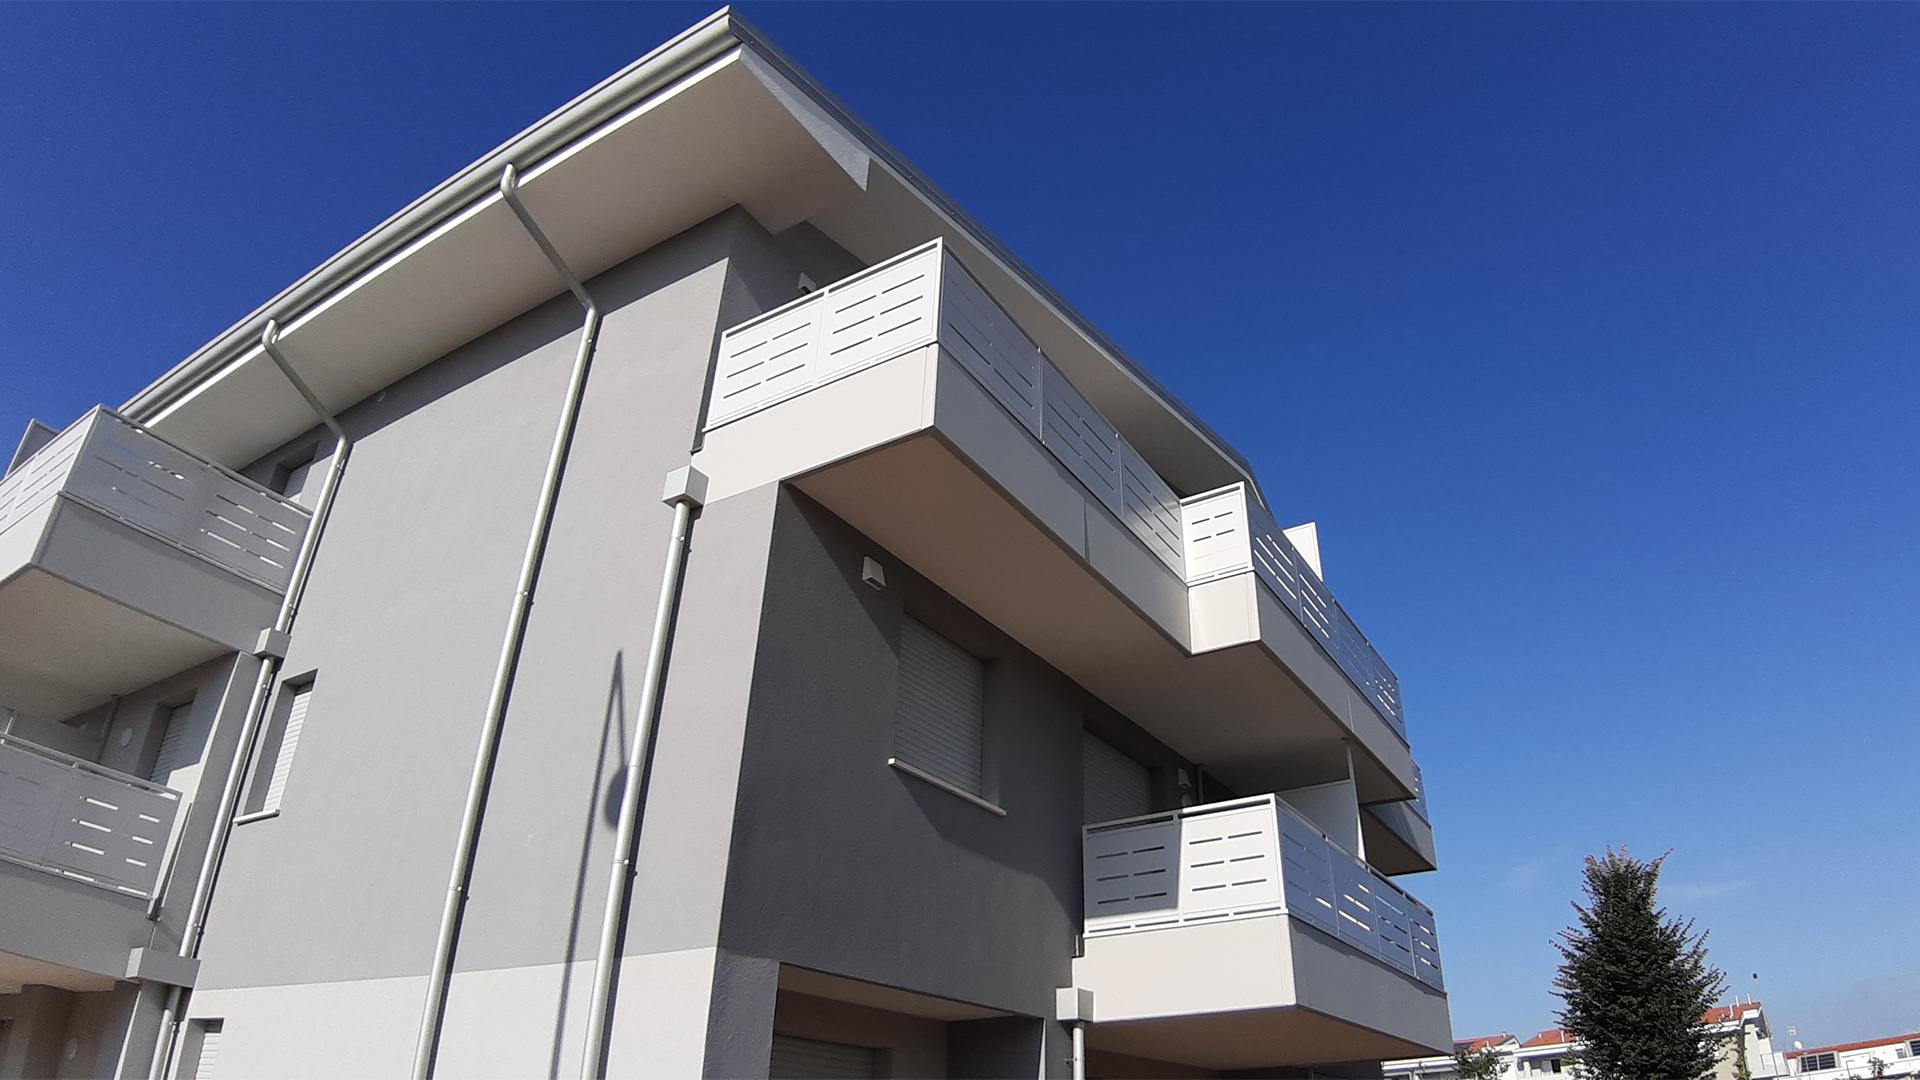 altichiero-lotto-7-appartamenti-1